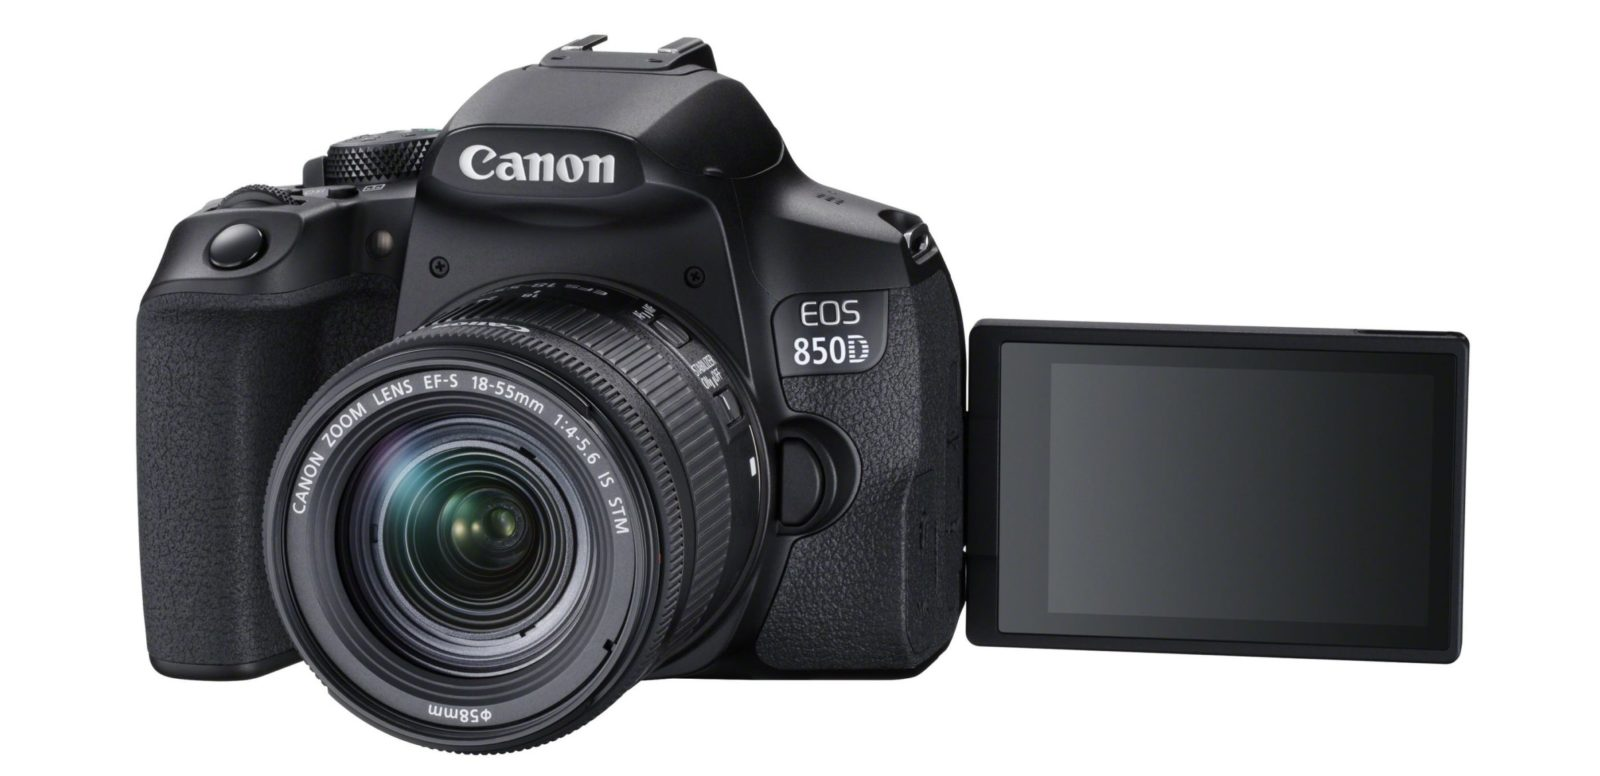 Canon presenta la nuova EOS 850D: reflex APS-C leggera, versatile e connessa